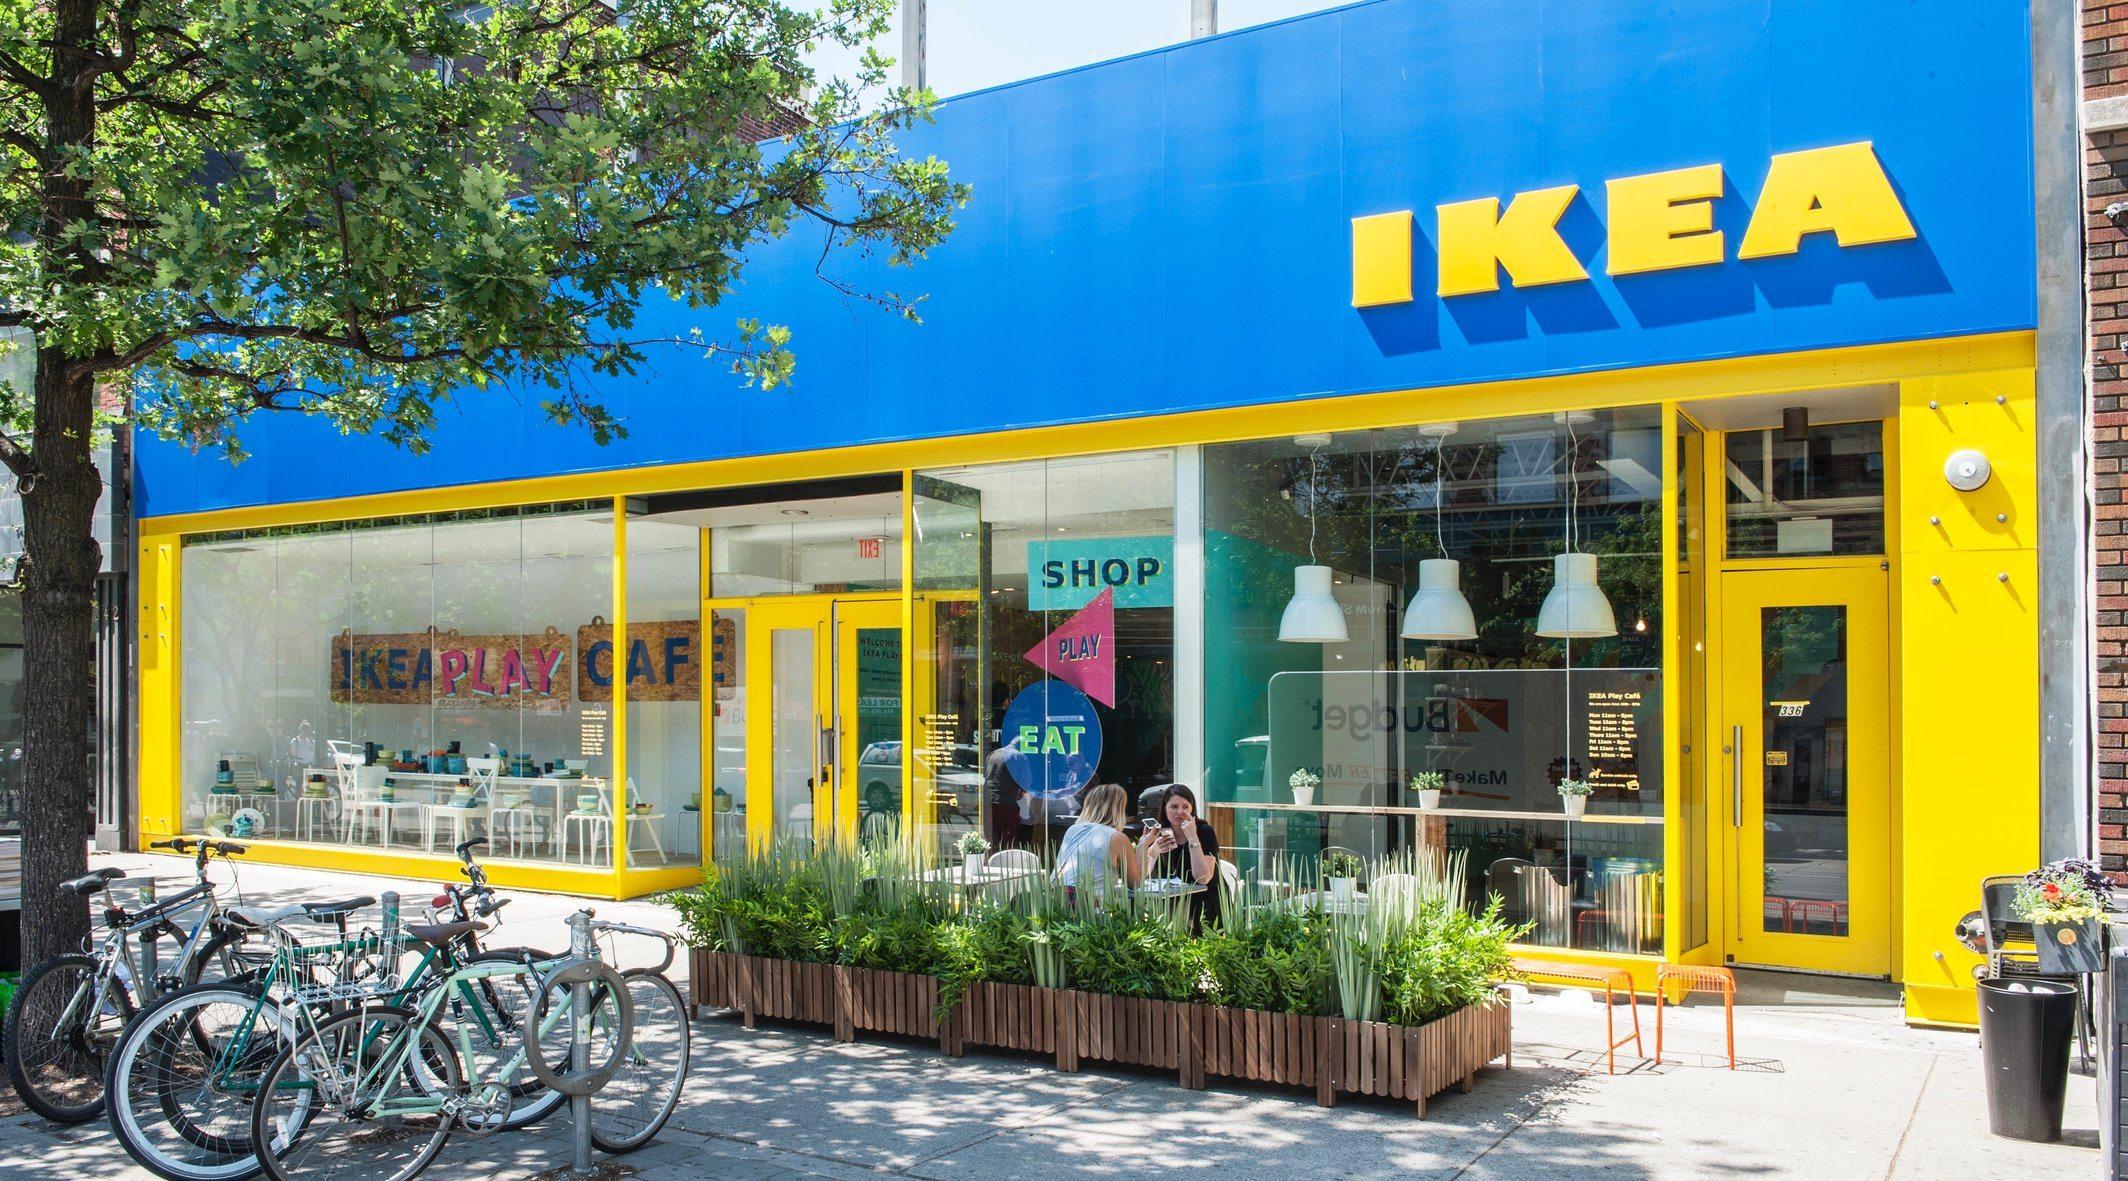 IKEA pop-up bringing famous meatballs to Queen West